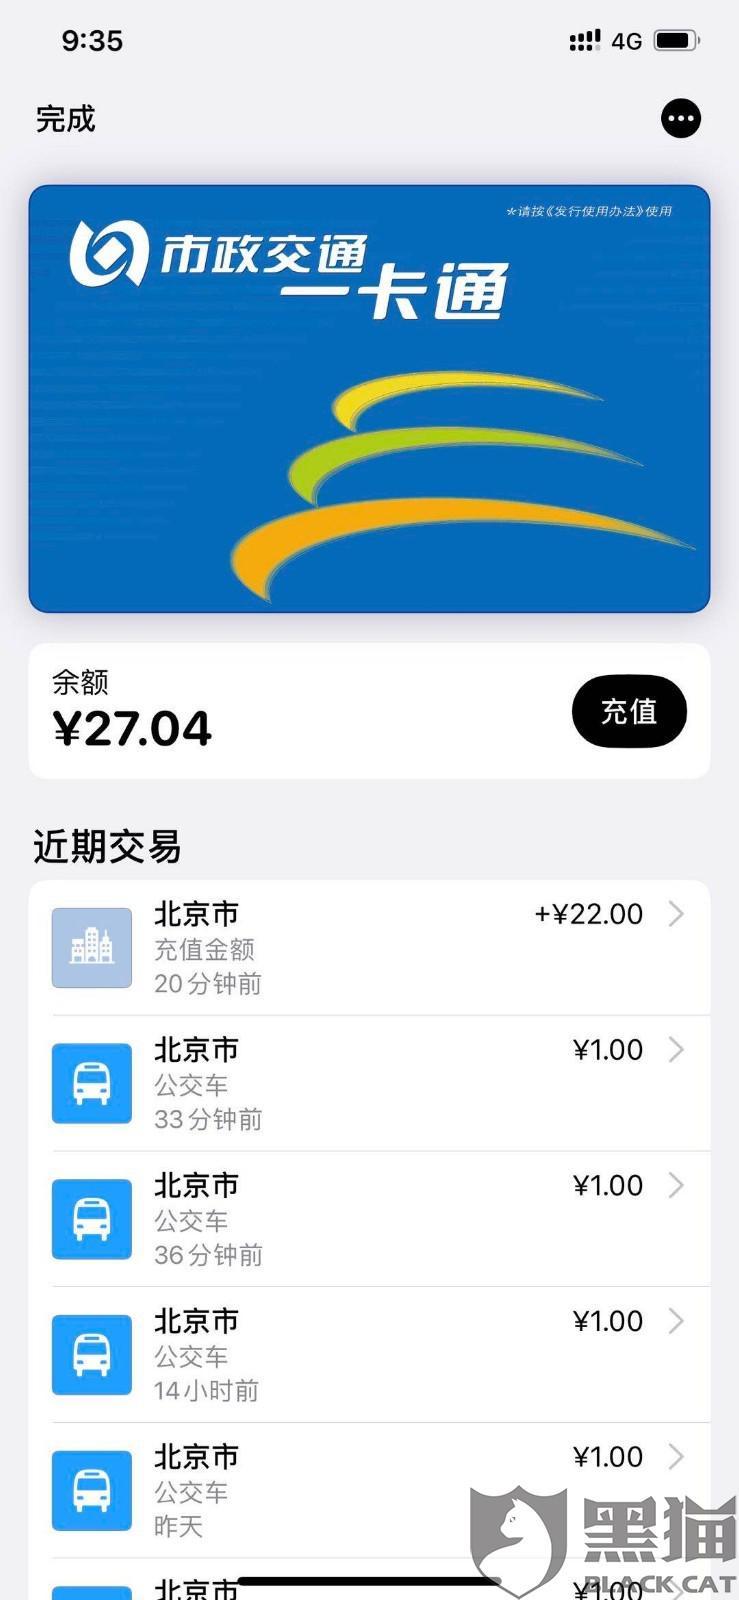 黑猫投诉:苹果钱包的applepay充值地铁卡,充值扣款后但卡中没到账